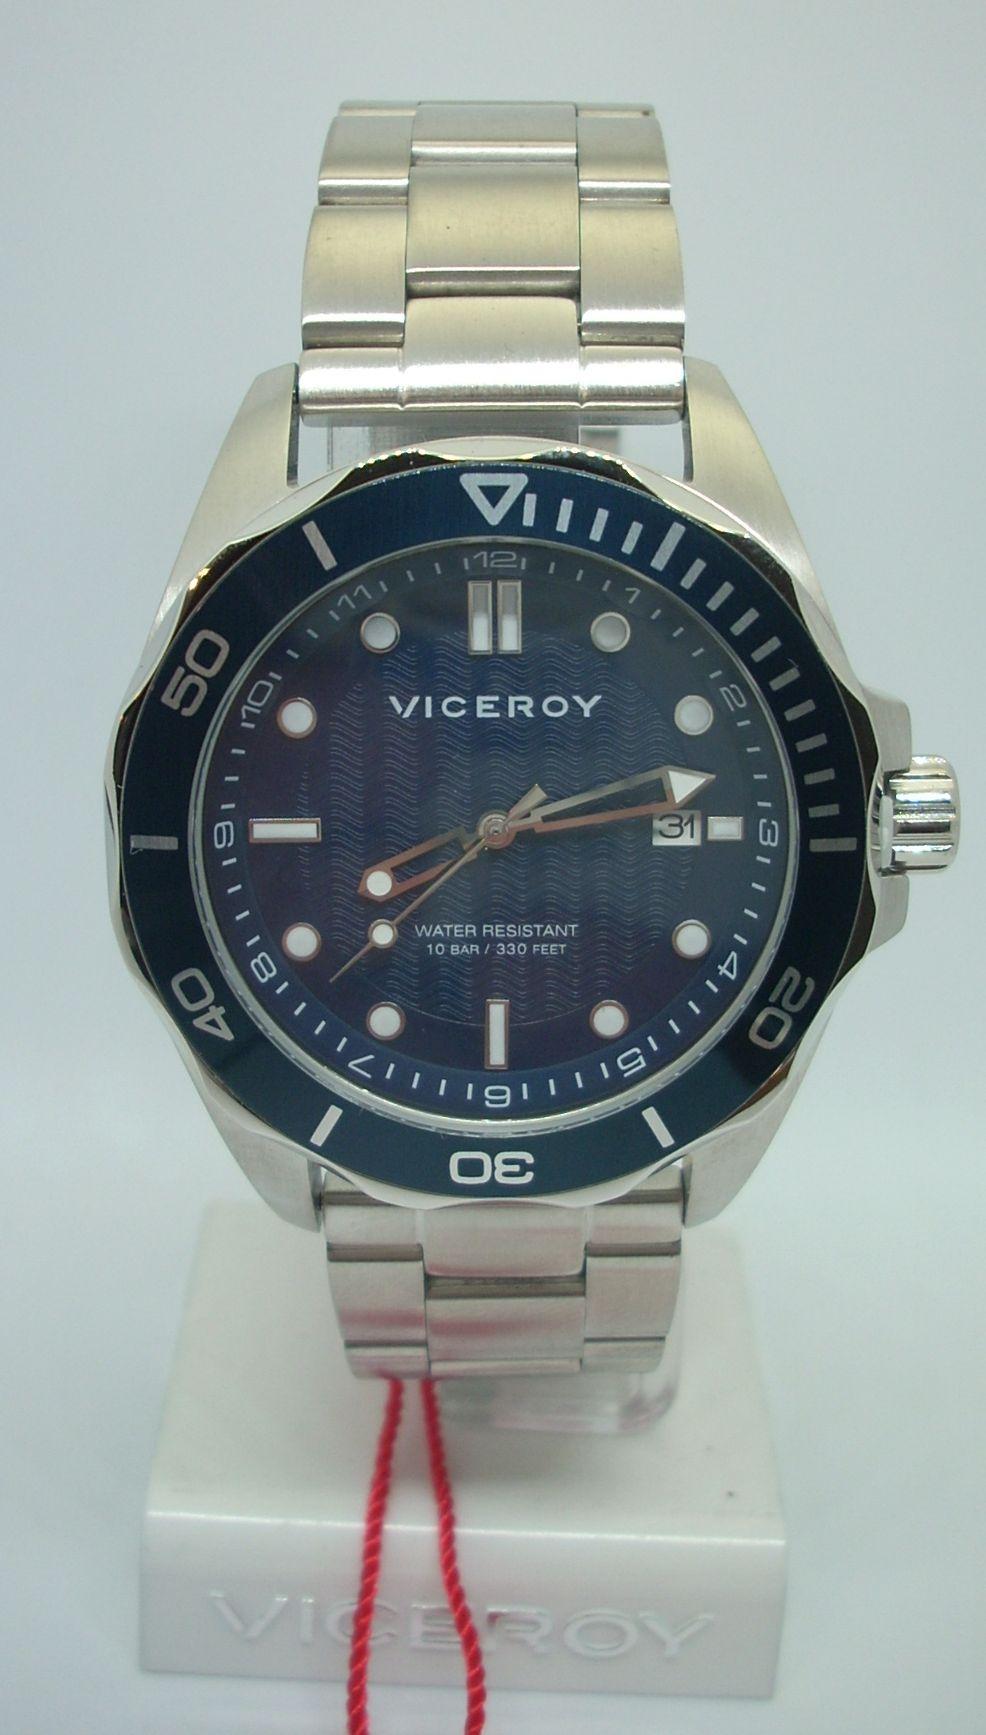 Oferta Reloj Viceroy Para Hombre 471183-37 Acero Wr 10 Bar